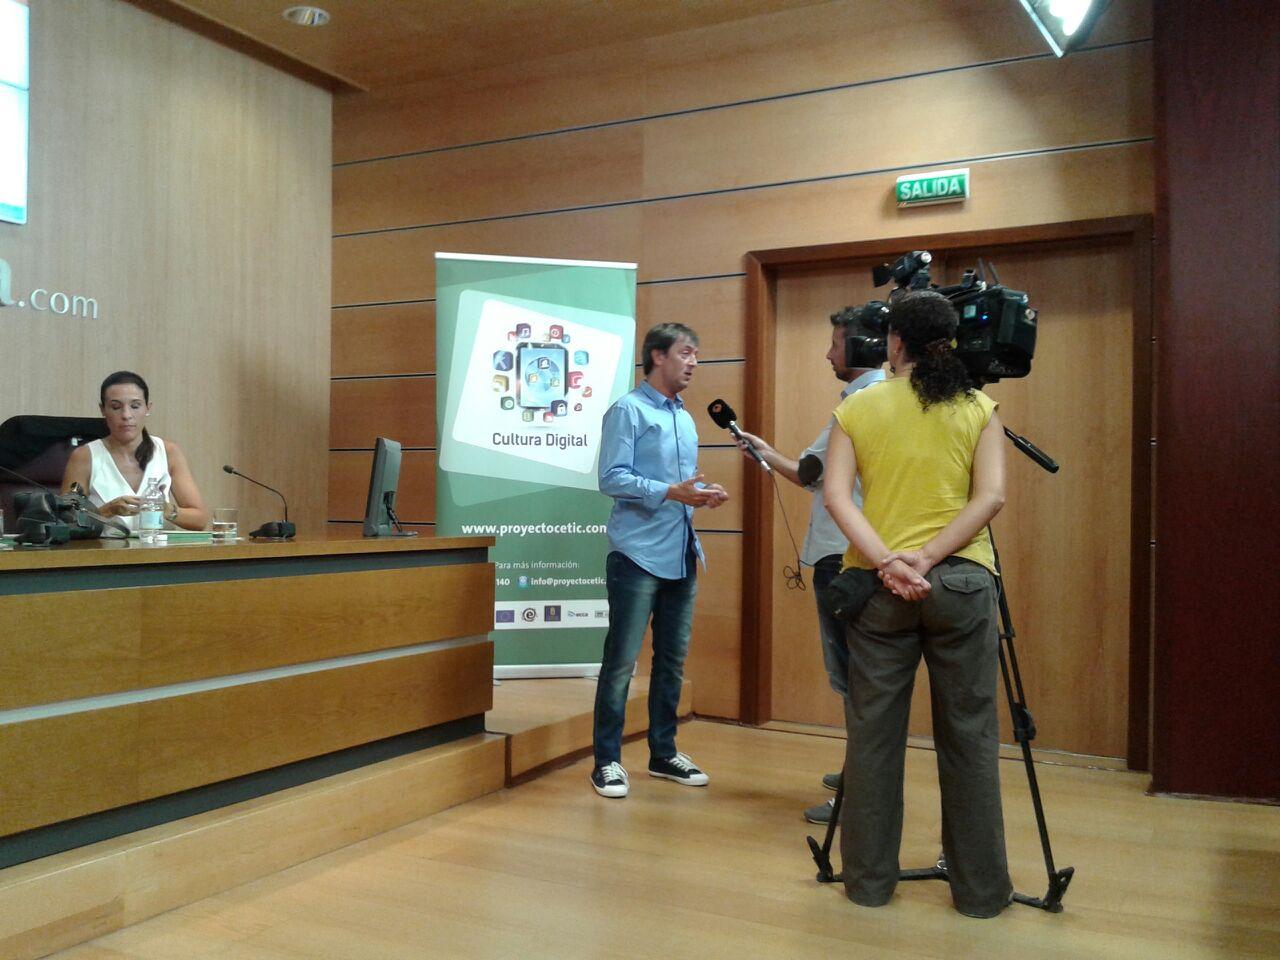 Jorge Flores entrevistado por reporteros de Antena 3 momentos antes del inicio de la jornada